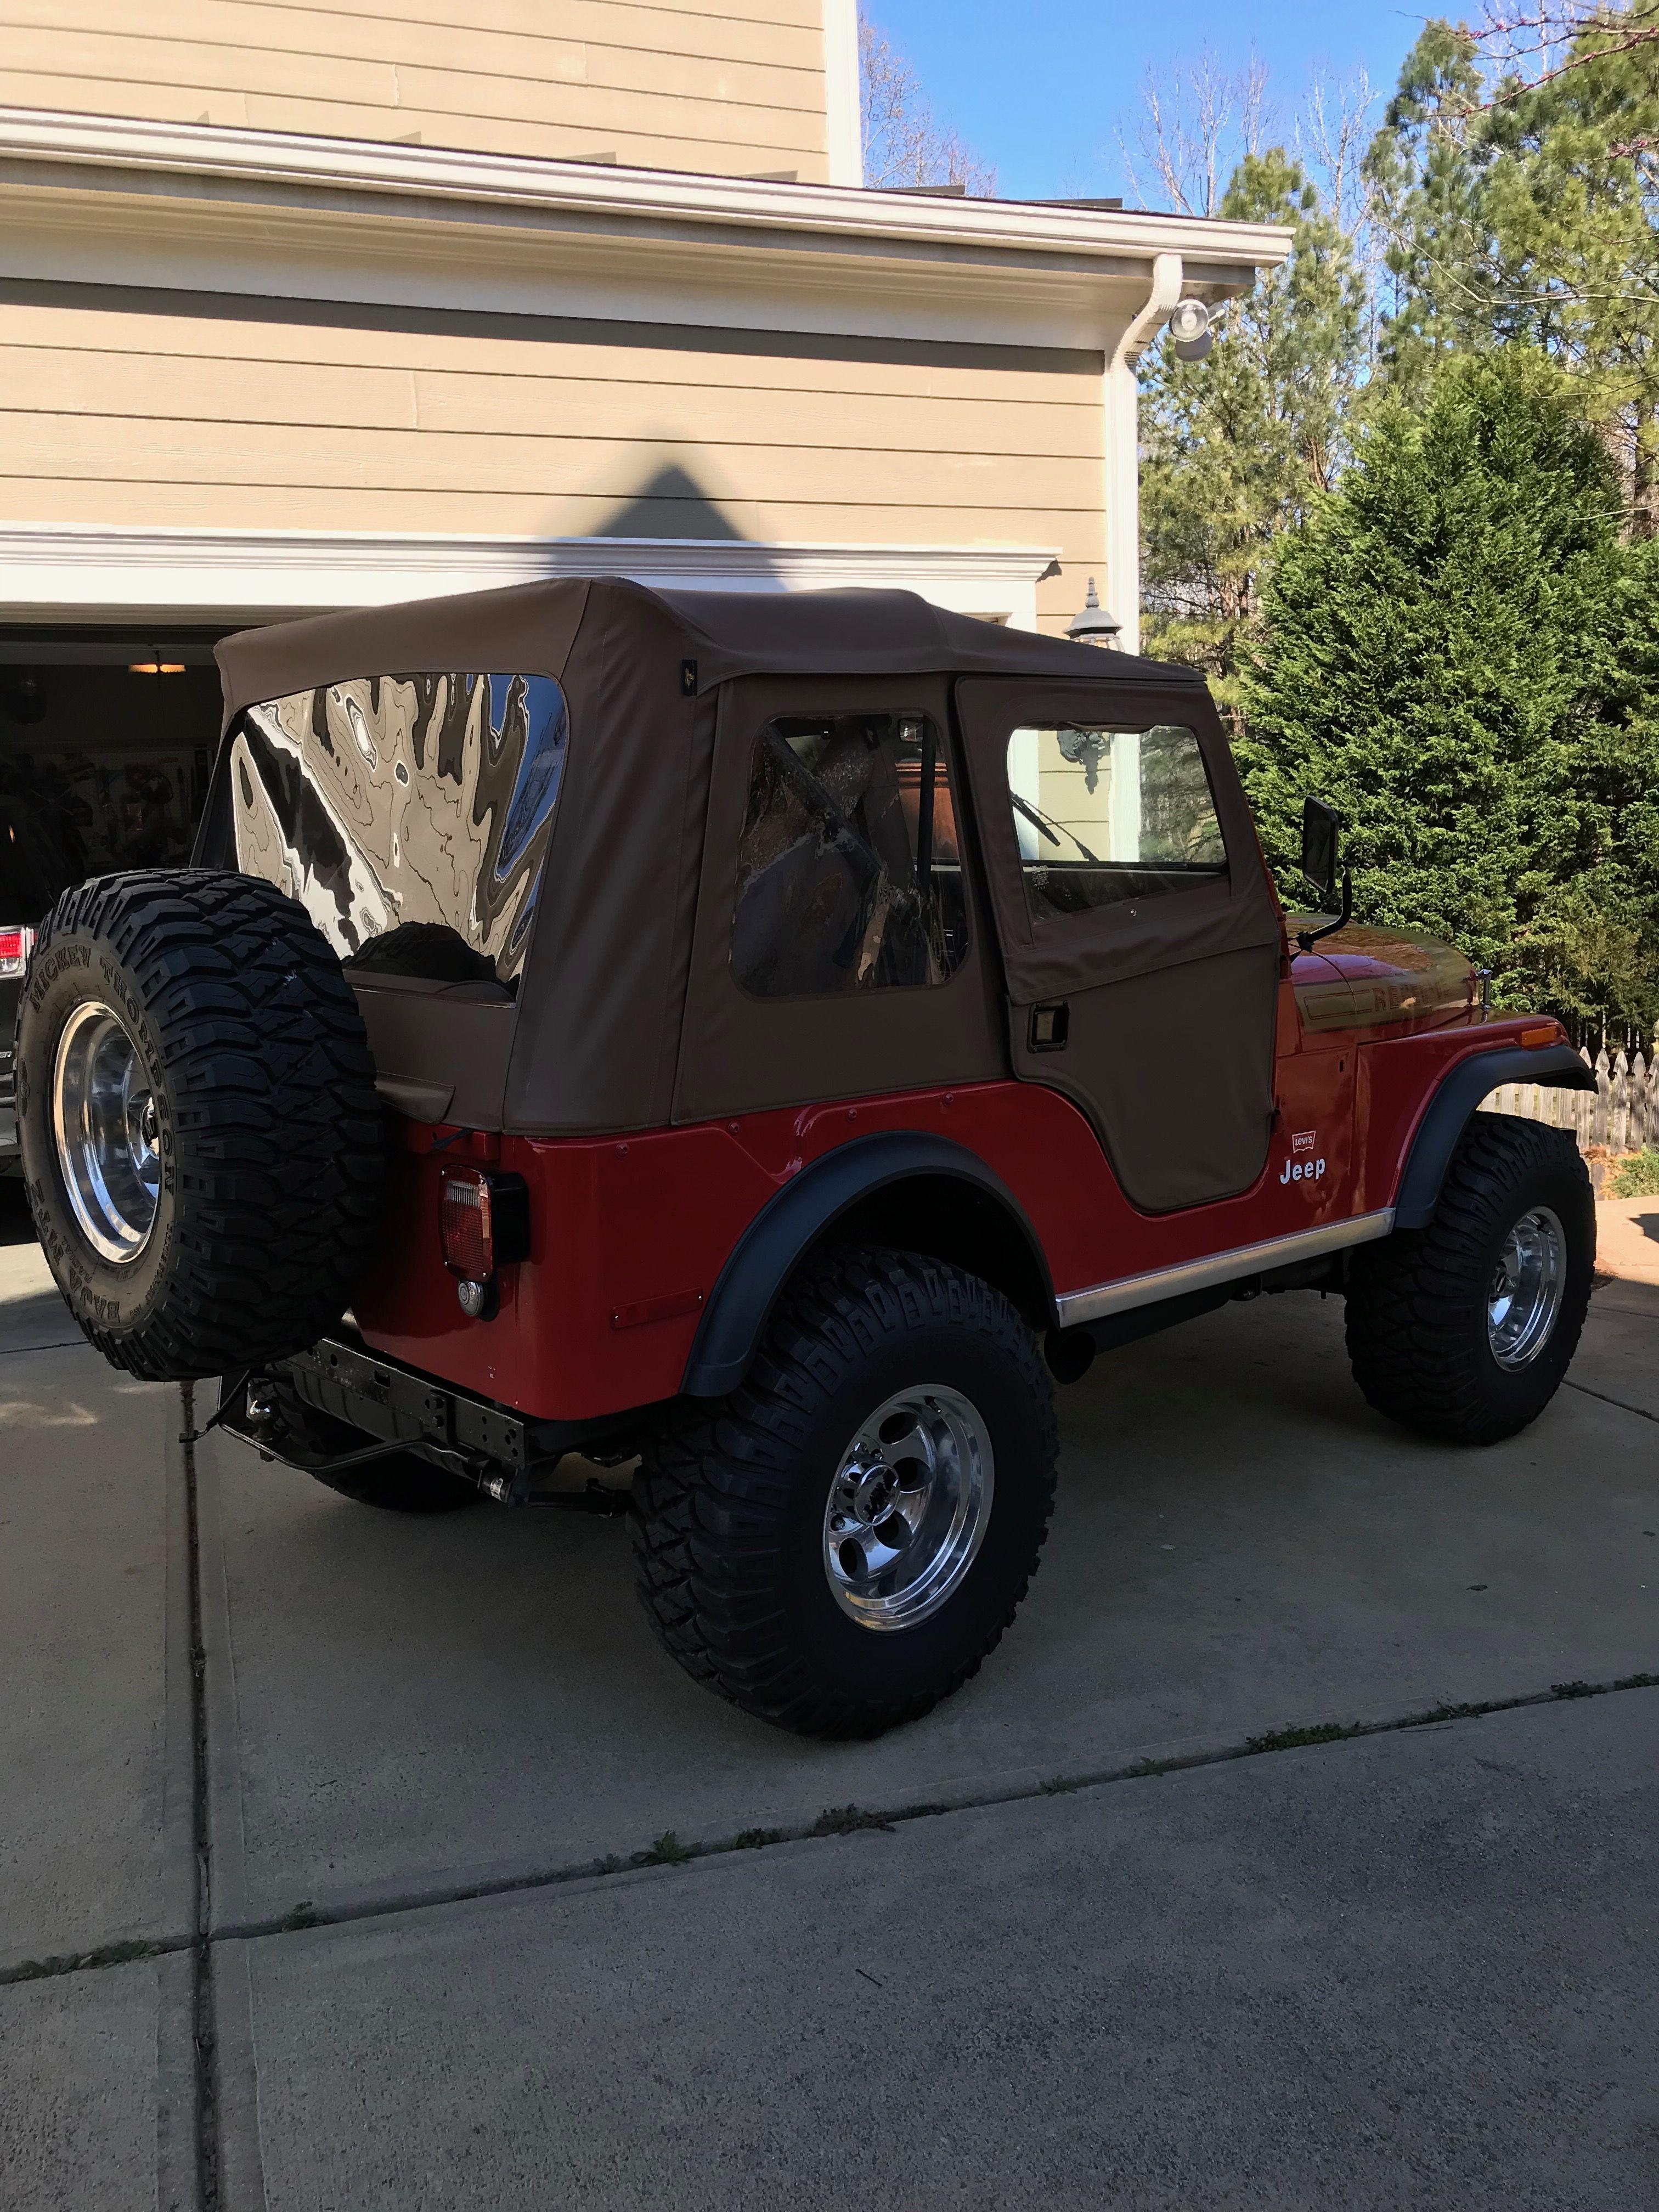 Cj5 Red With Tan Soft Top Red Jeep Jeep Cj Jeep